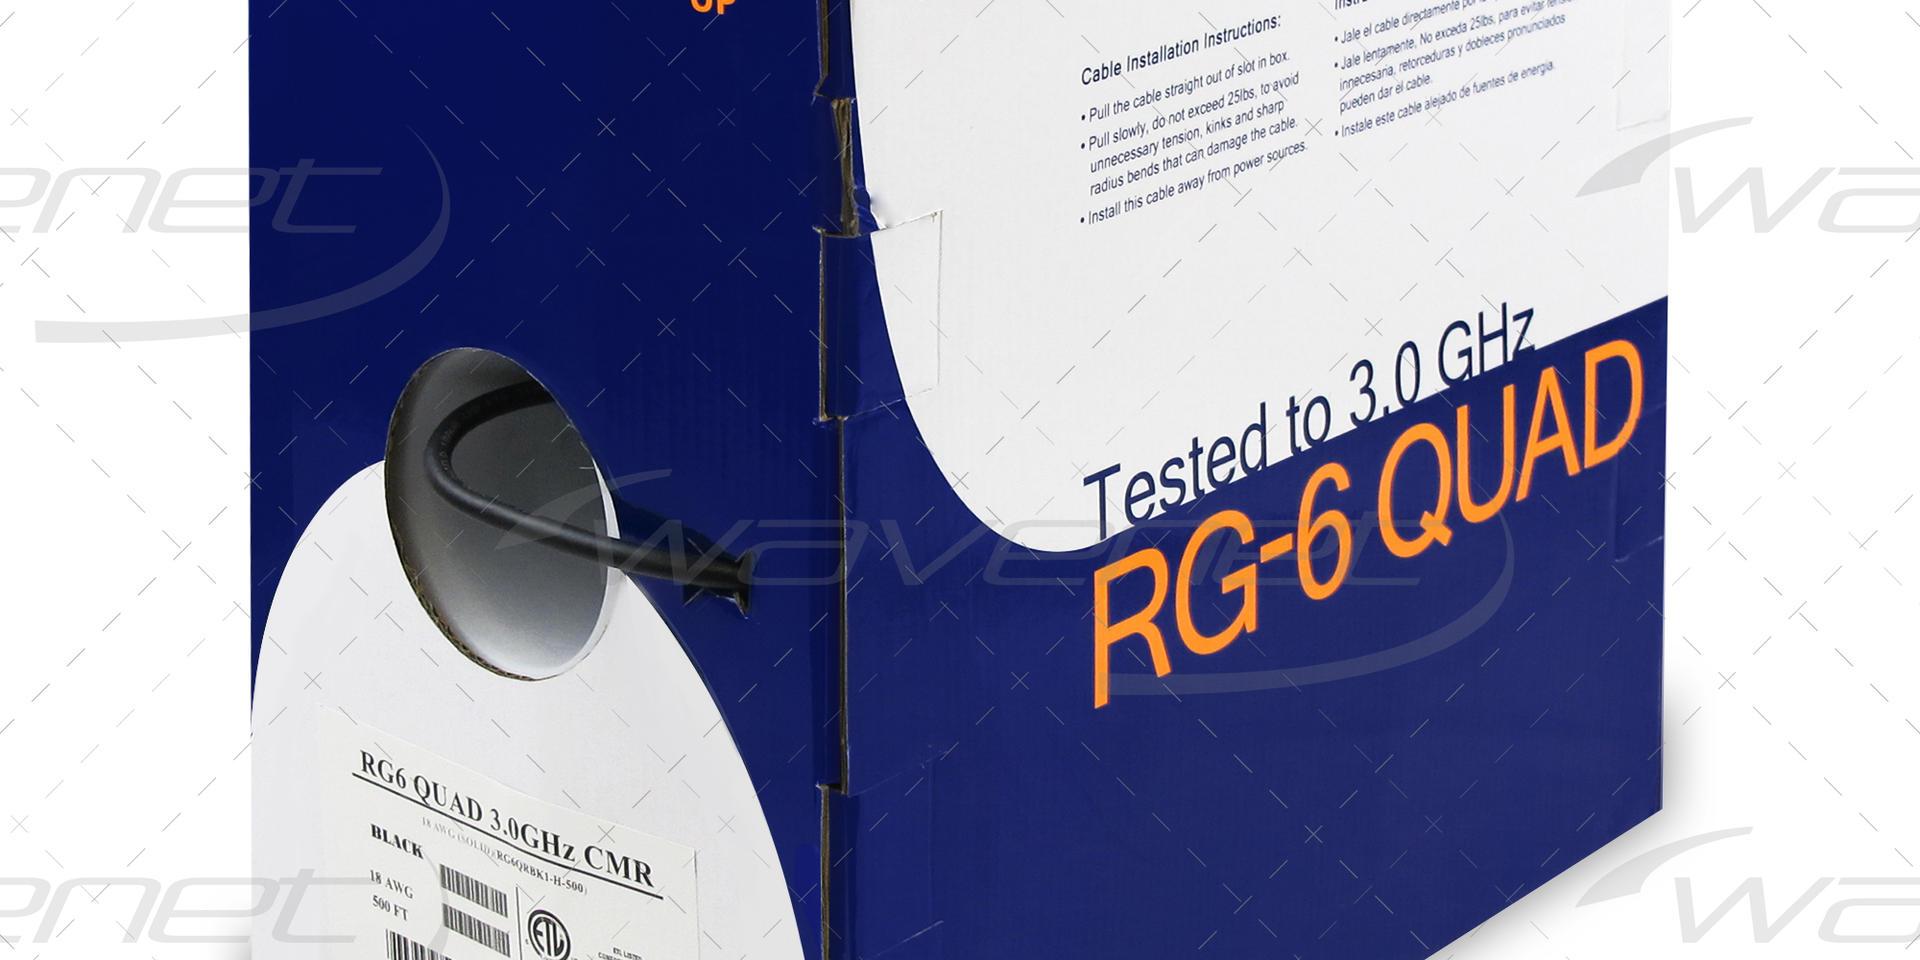 RG6QRXX4-500_WM.jpg